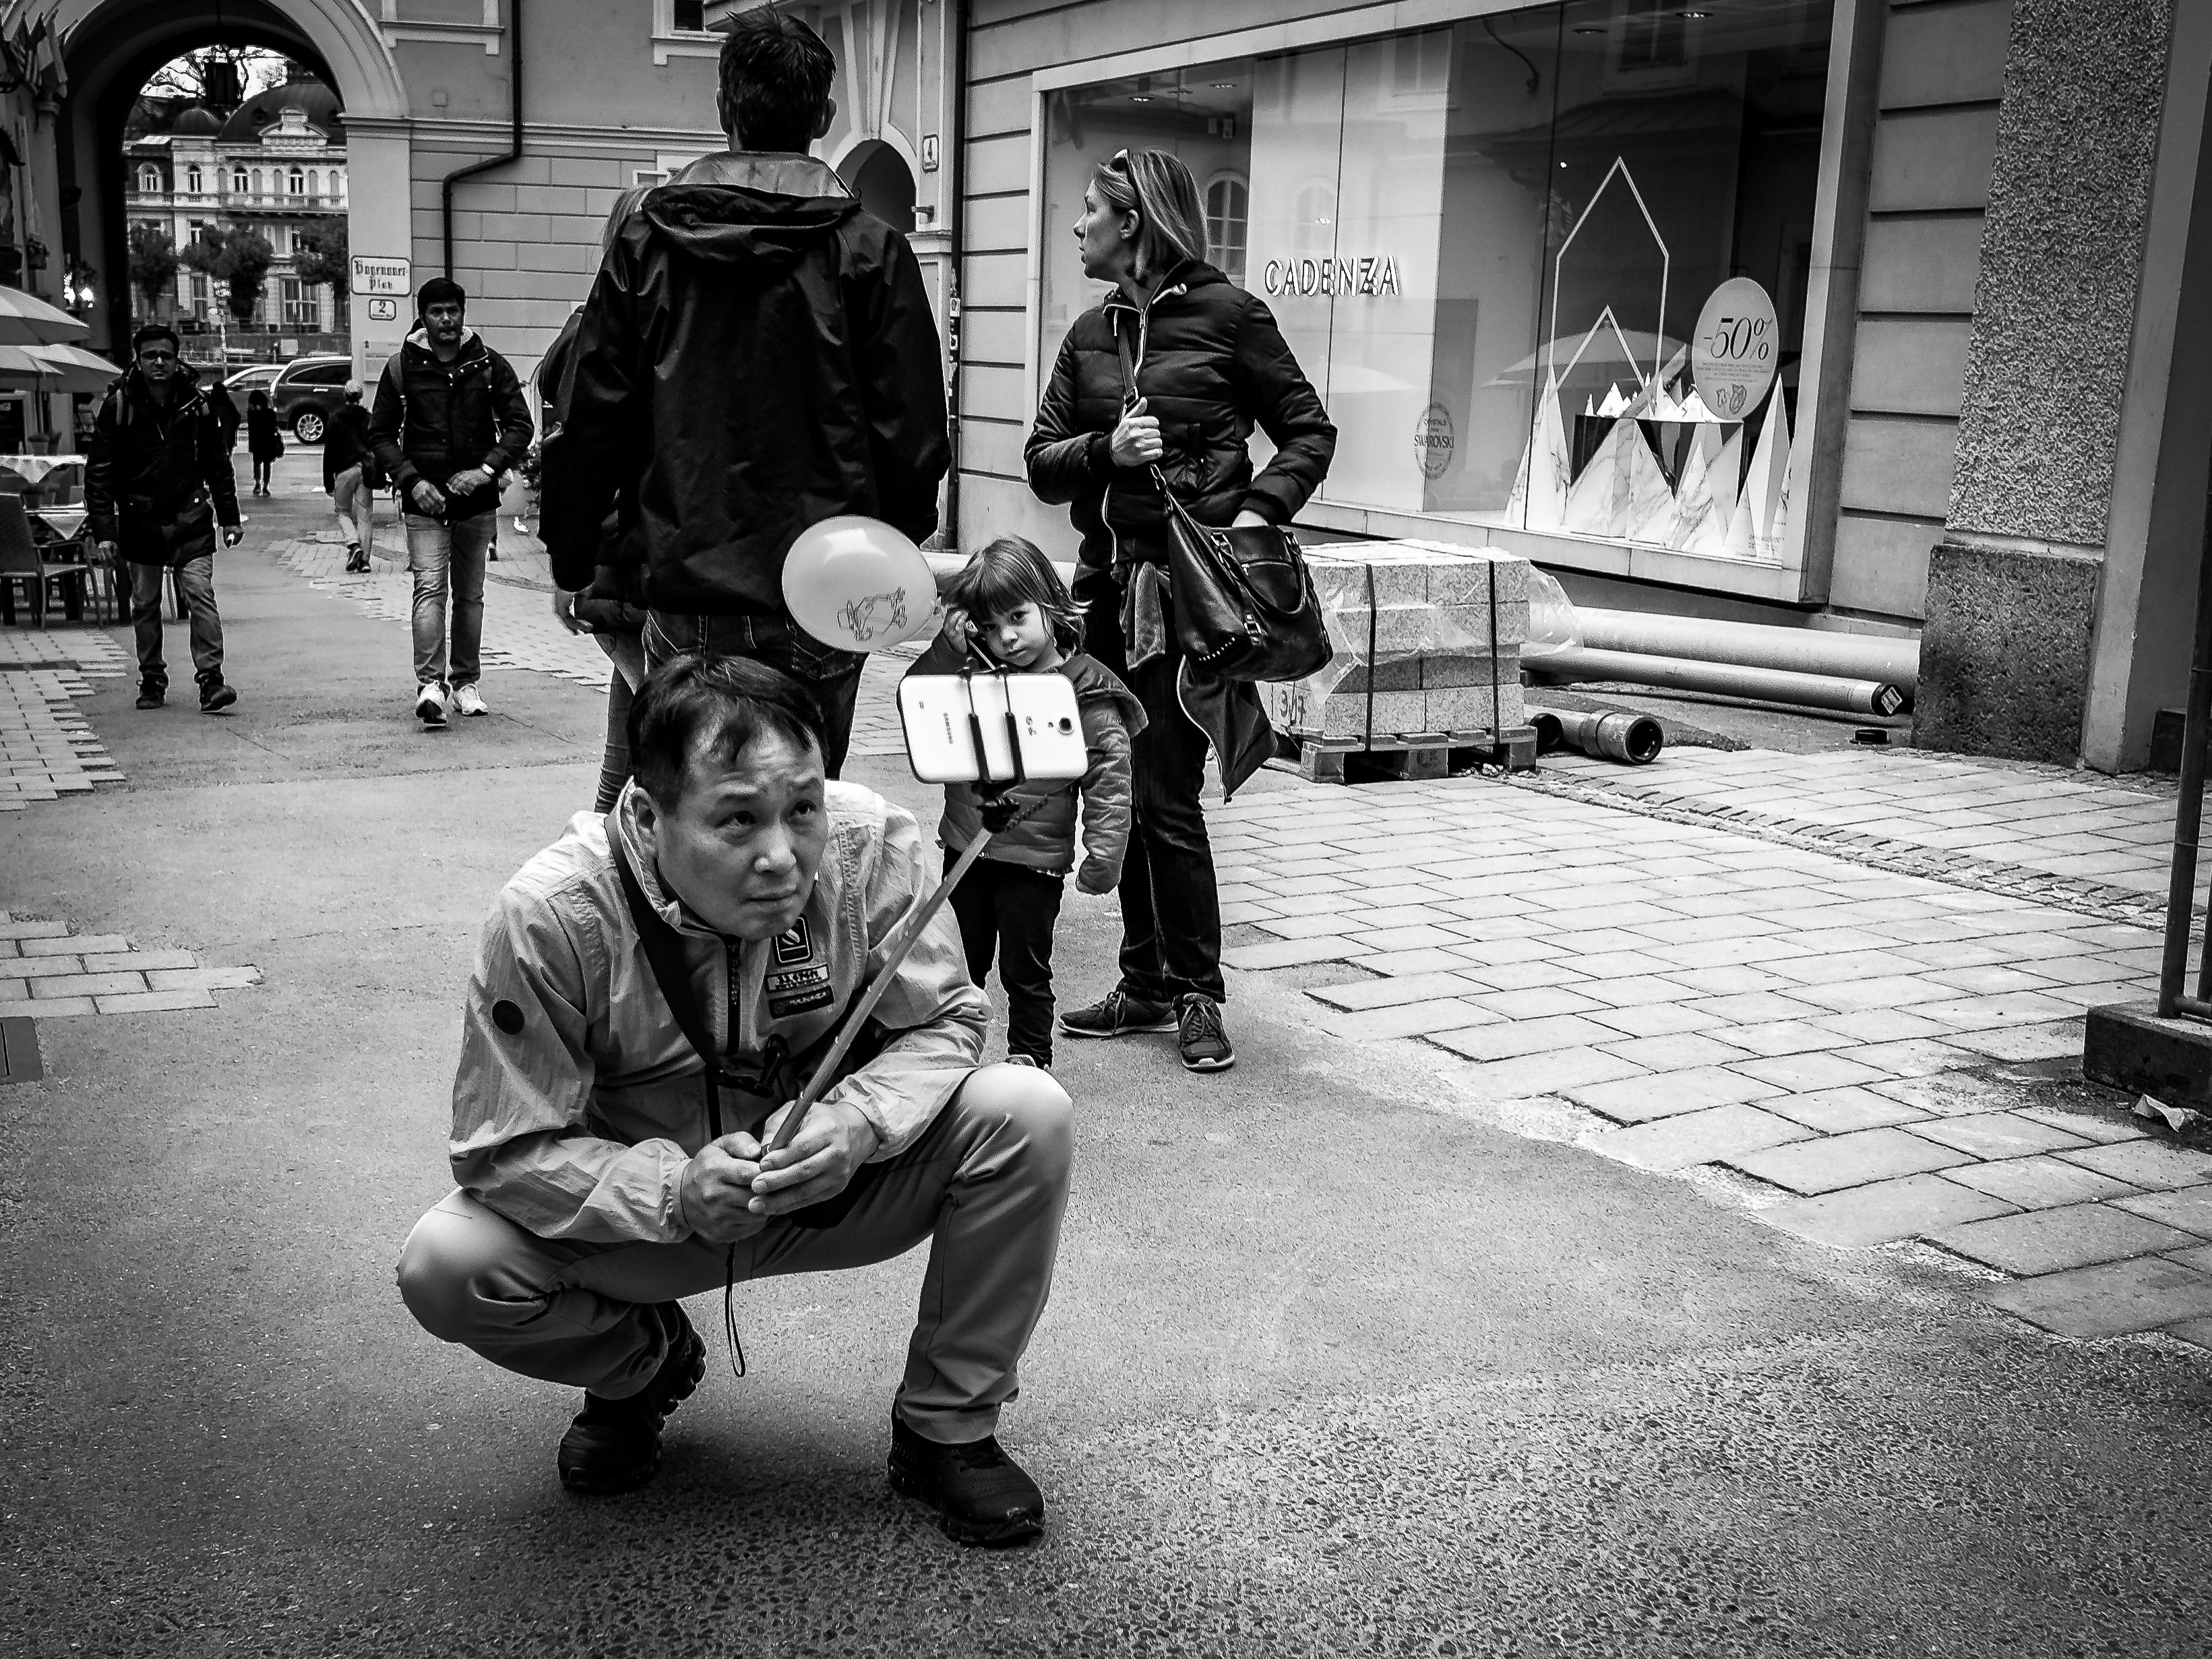 егорьевск это фото уличных человек первоклассники